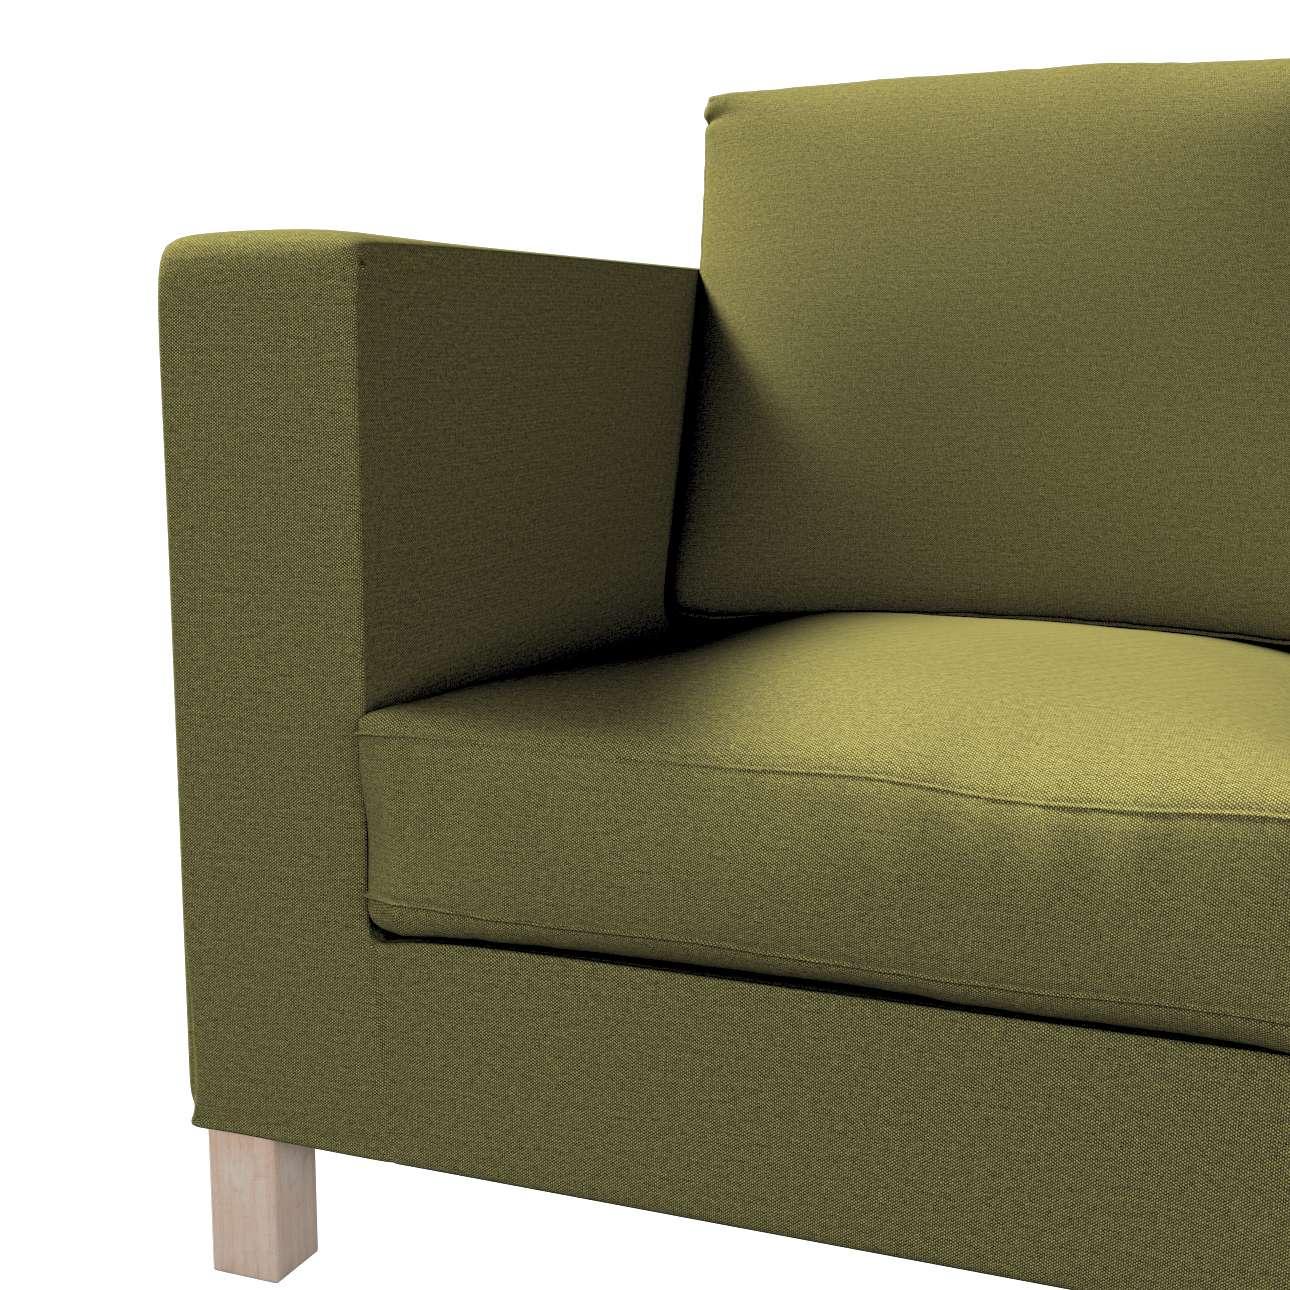 Bezug für Karlanda 3-Sitzer Sofa nicht ausklappbar, kurz von der Kollektion Etna, Stoff: 161-26